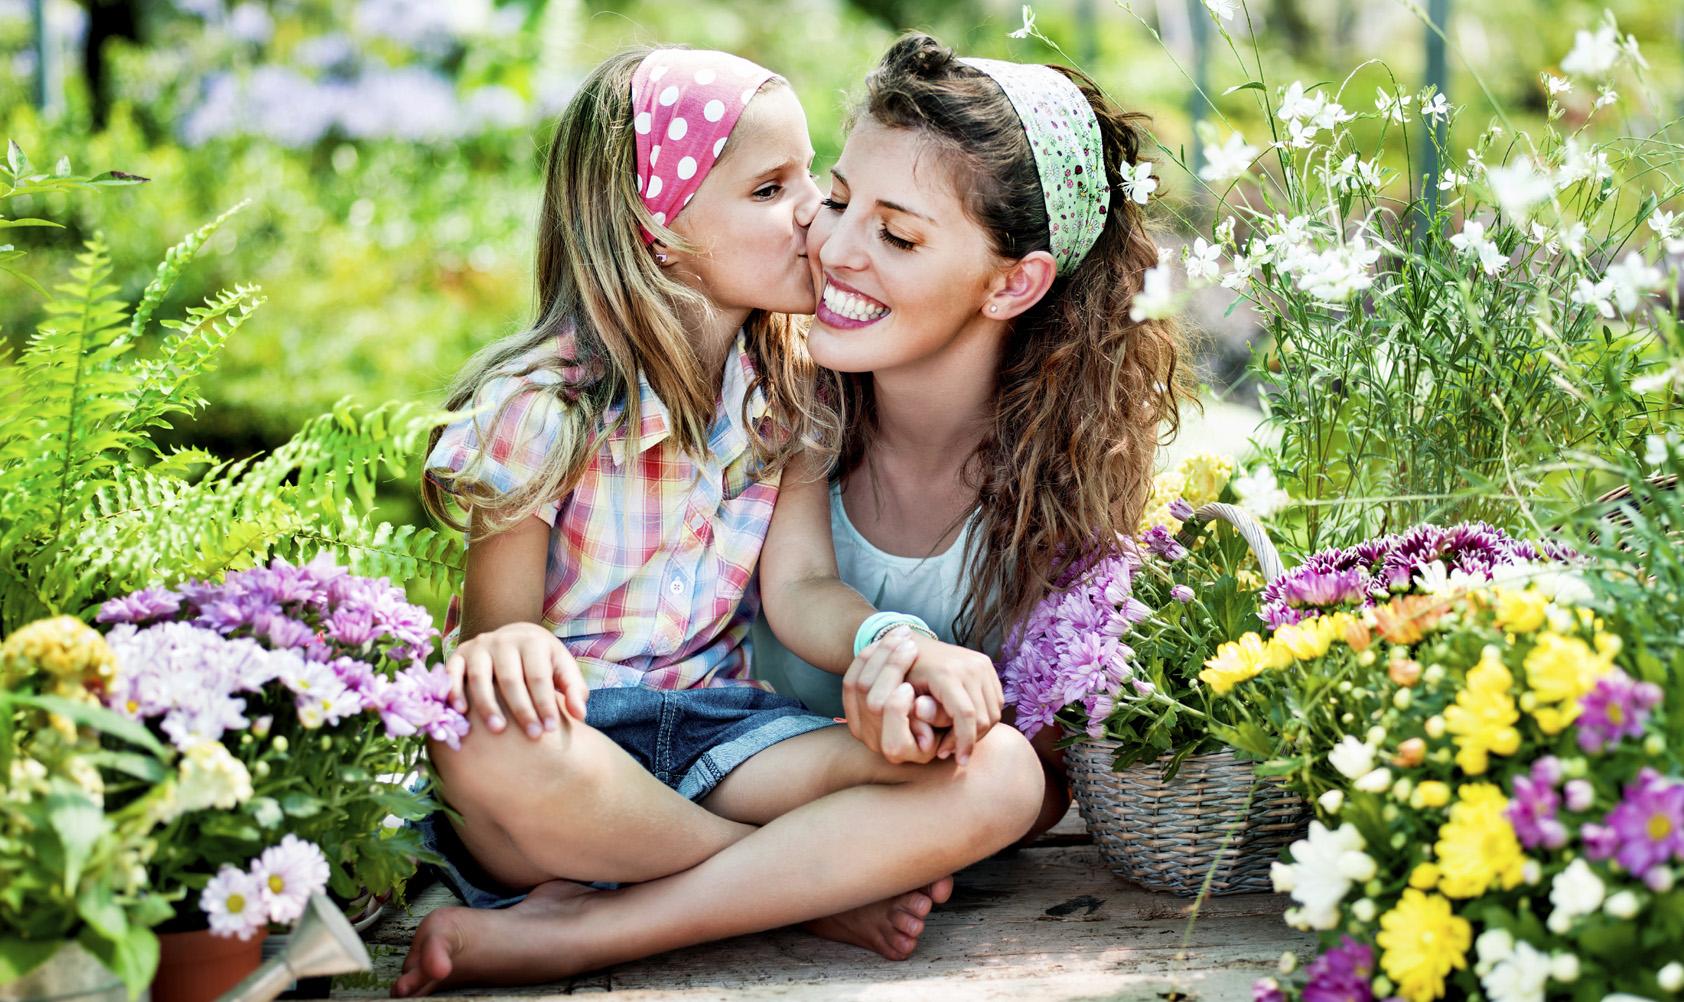 Таны гэрт эерэг энерги, аз жаргал авчрах 4 төрлийн цэцэг